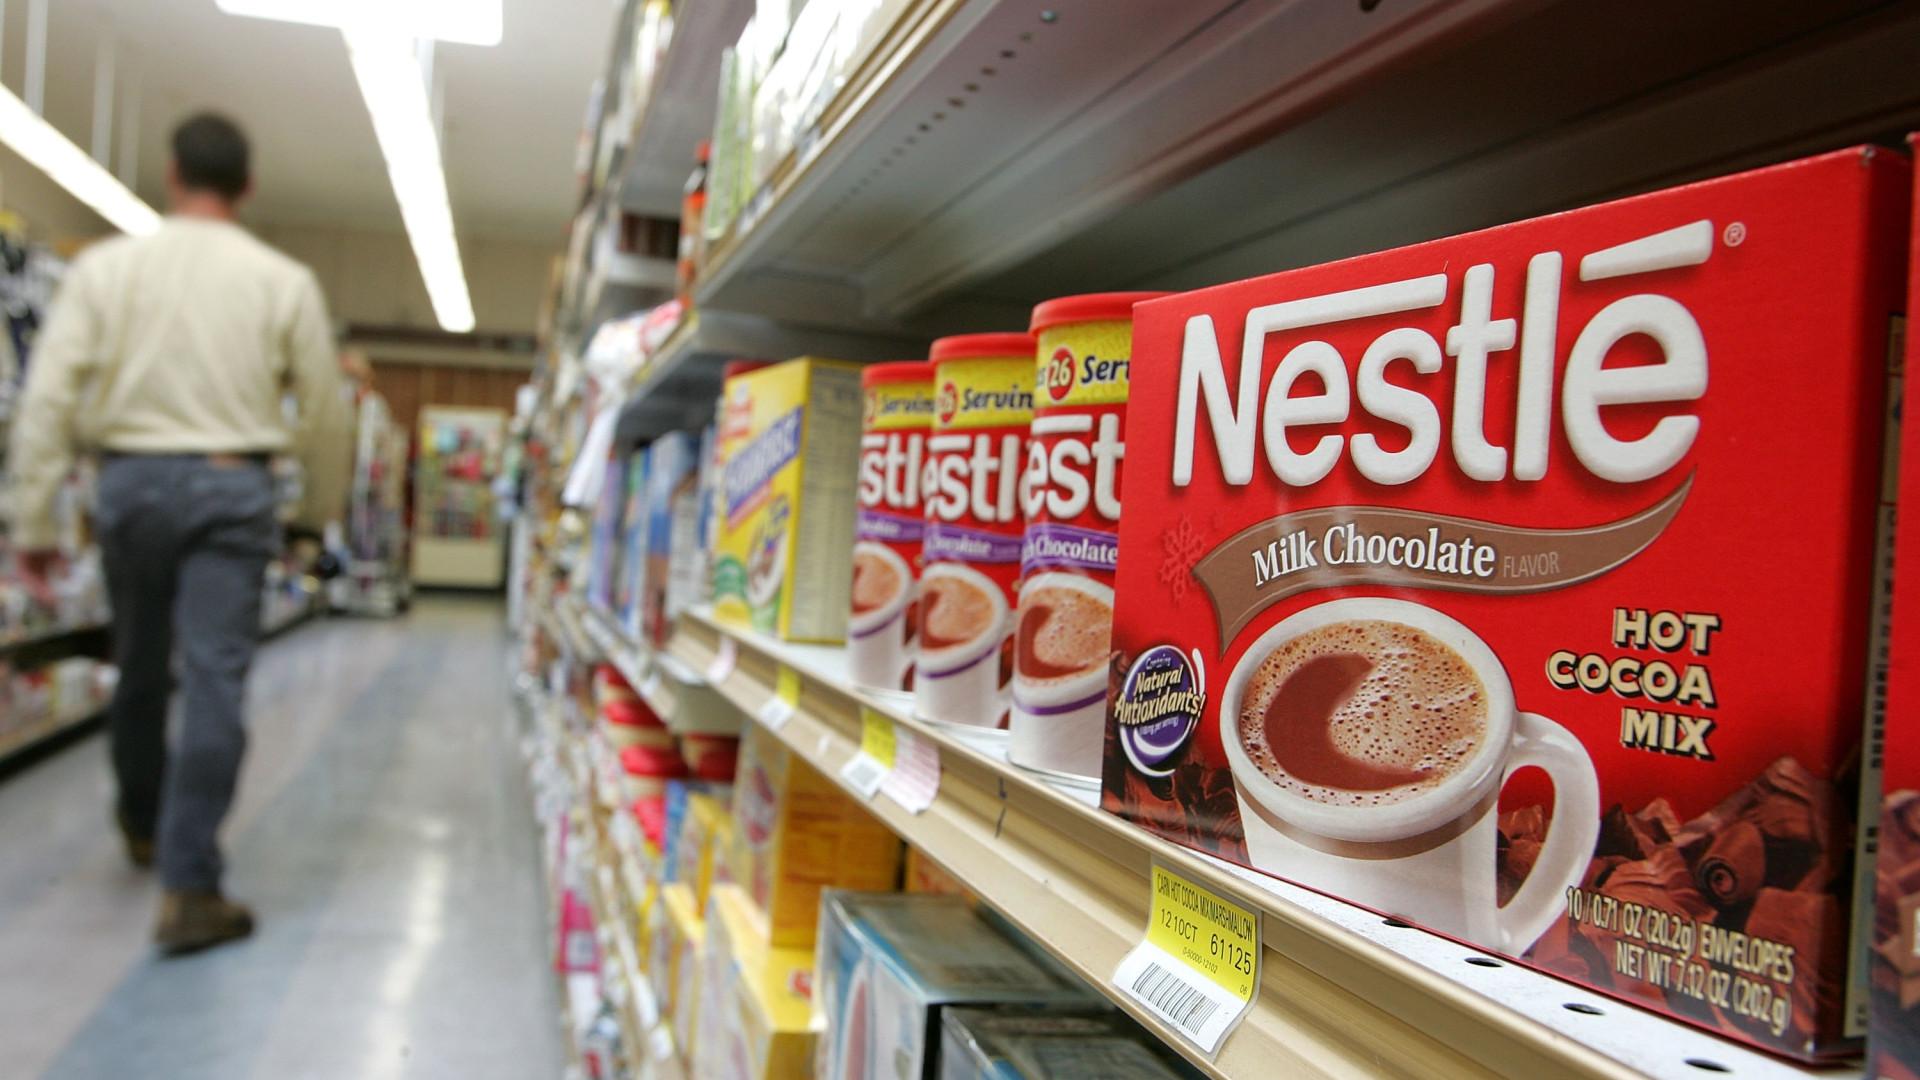 'Leia o Rótulo, Escolha Melhor'. Nestlé aposta na informação nutricional